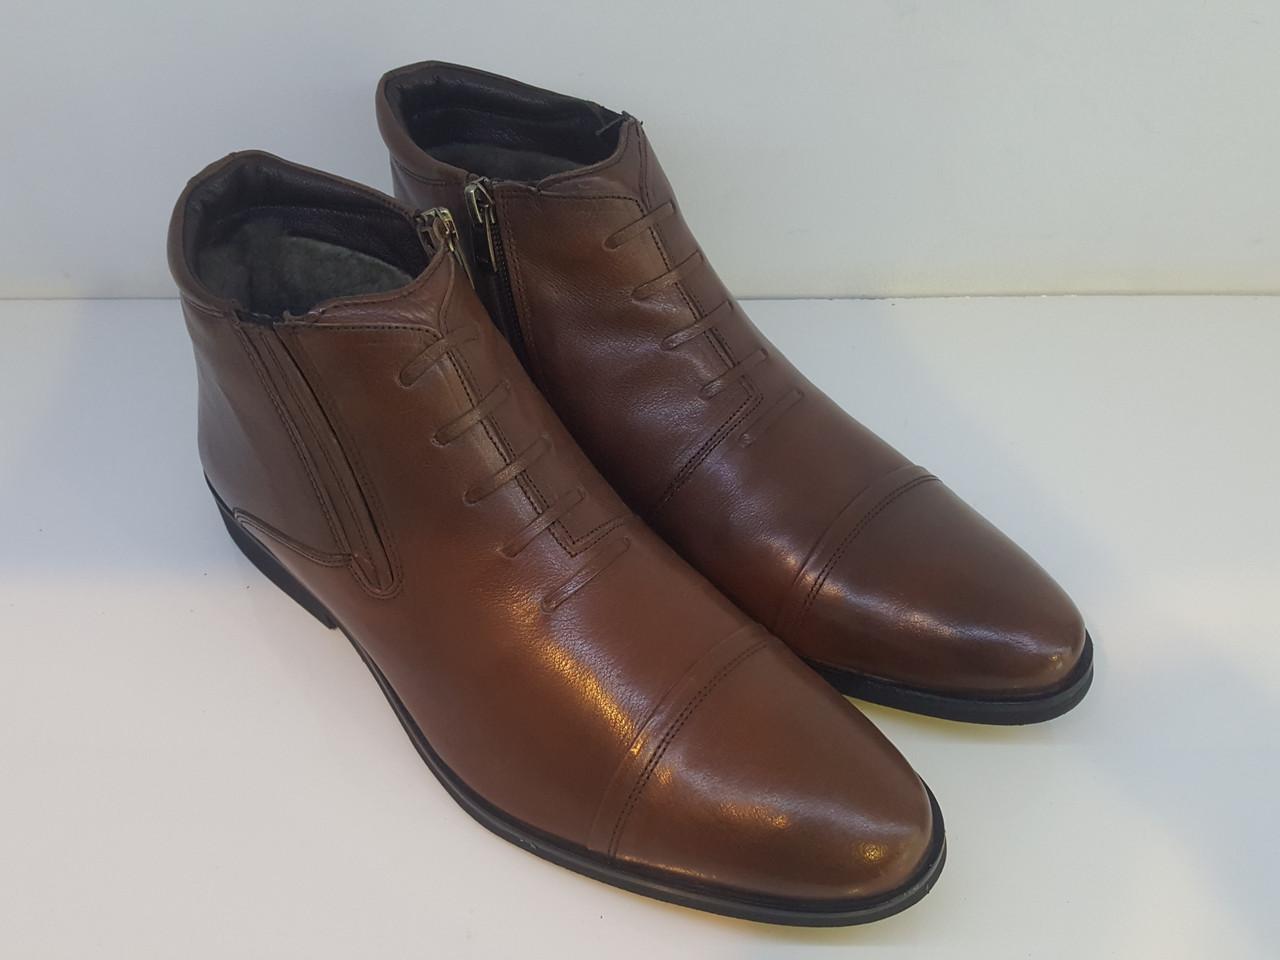 Ботинки Etor 11102-5556-5 41 коричневые